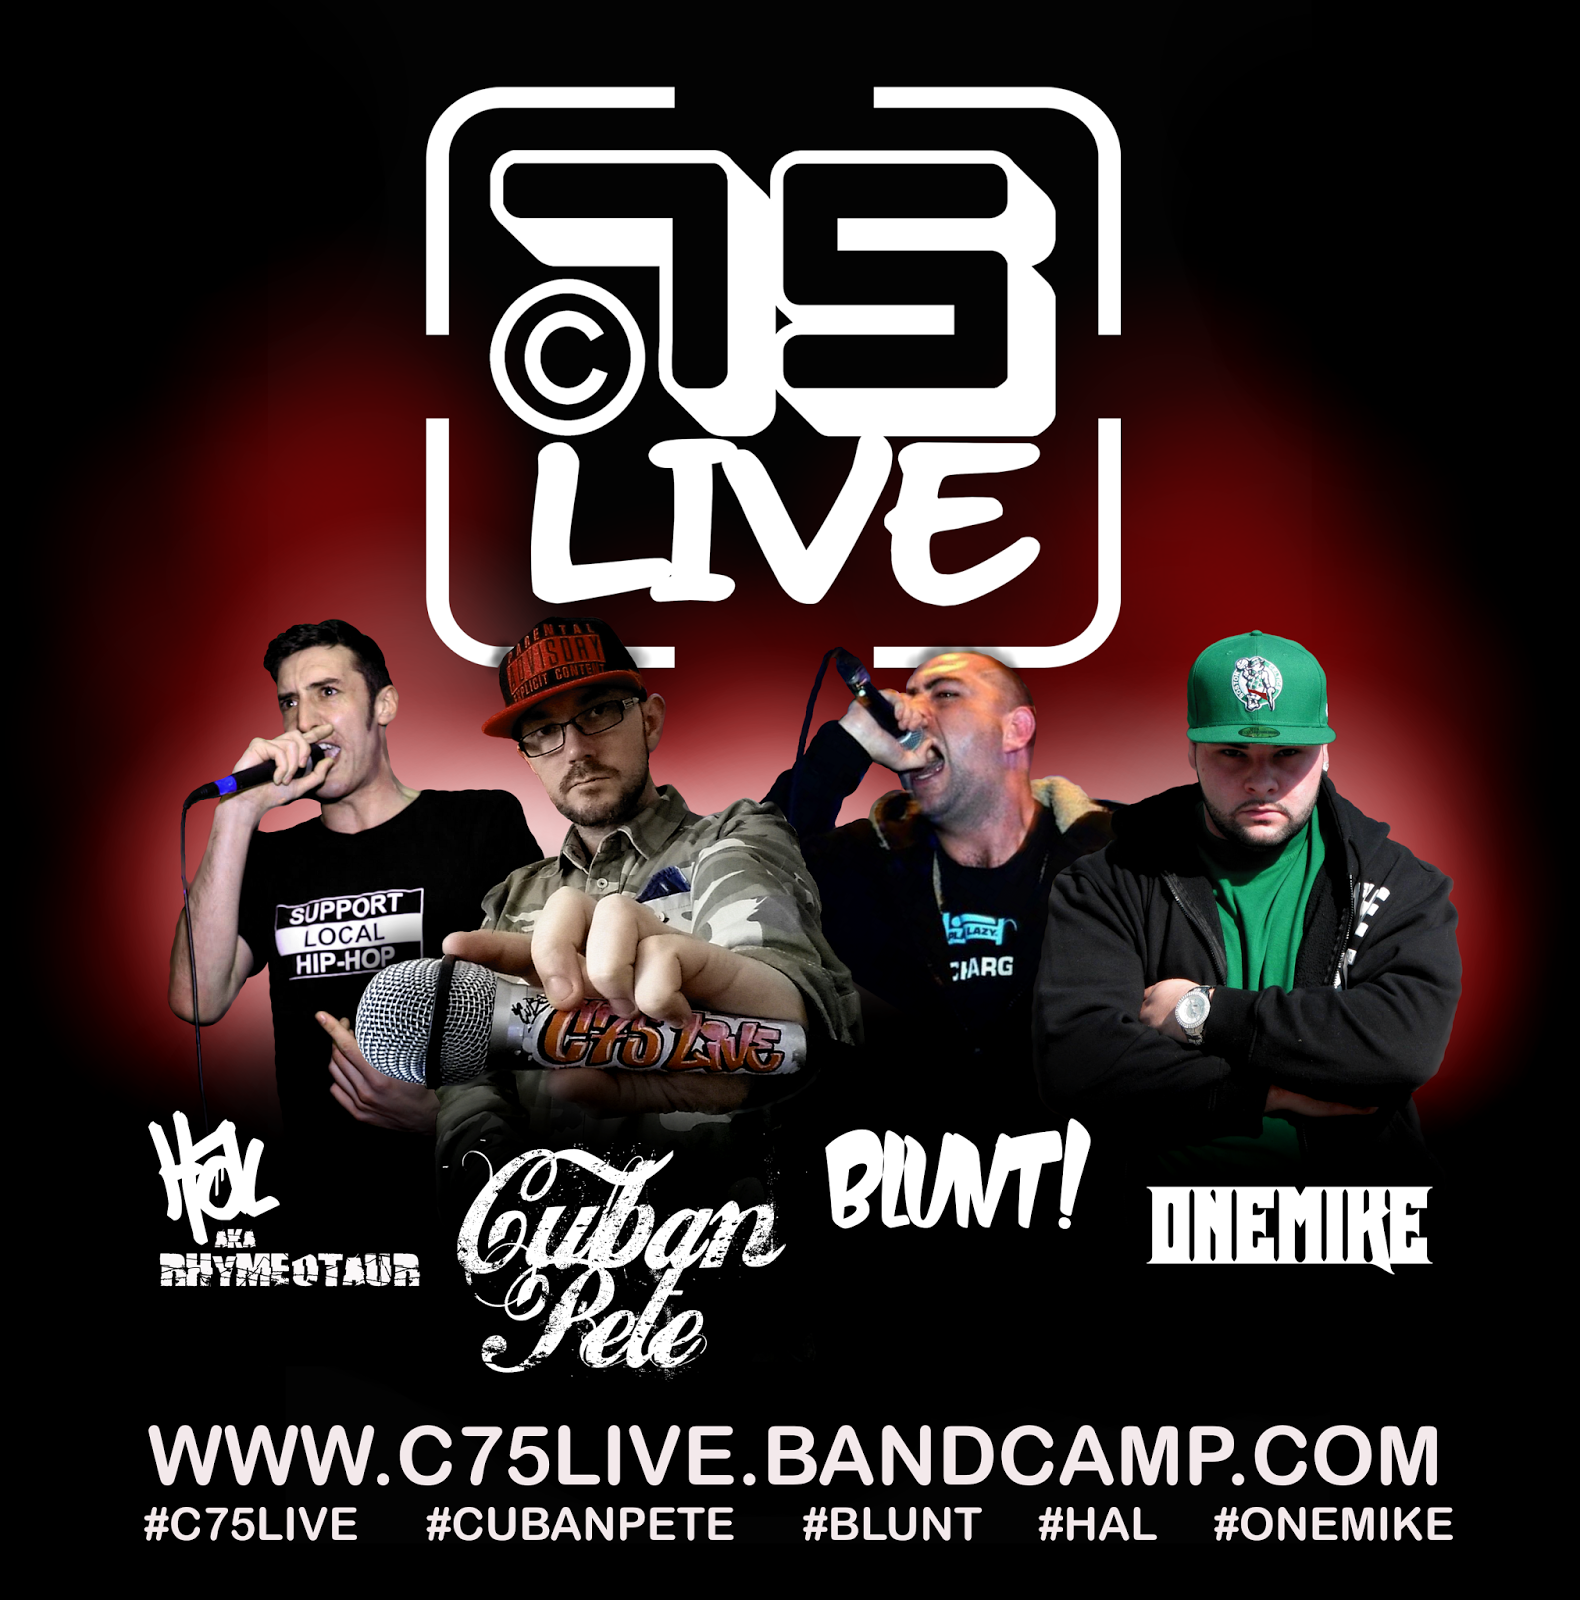 https://c75live.bandcamp.com/